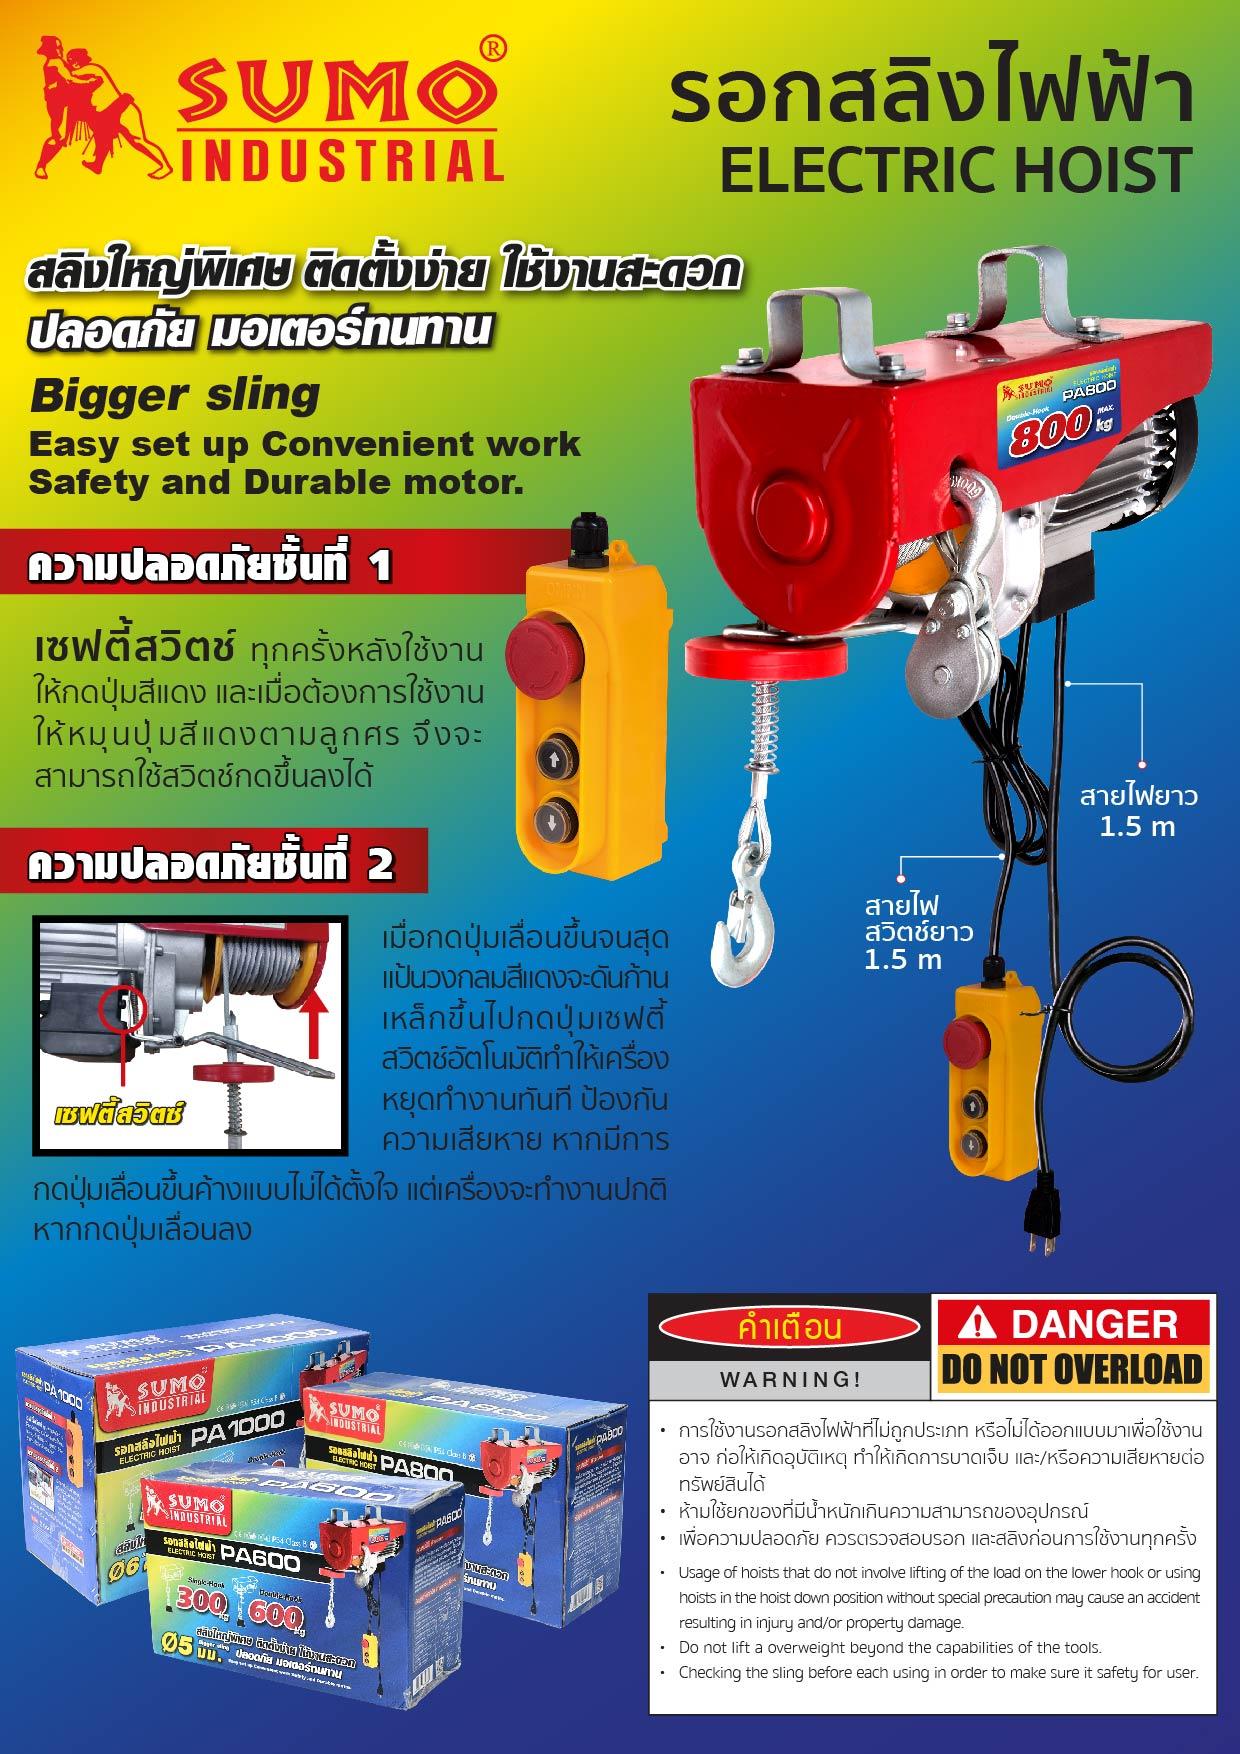 (1/12) รอกไฟฟ้า - Electric Hoist